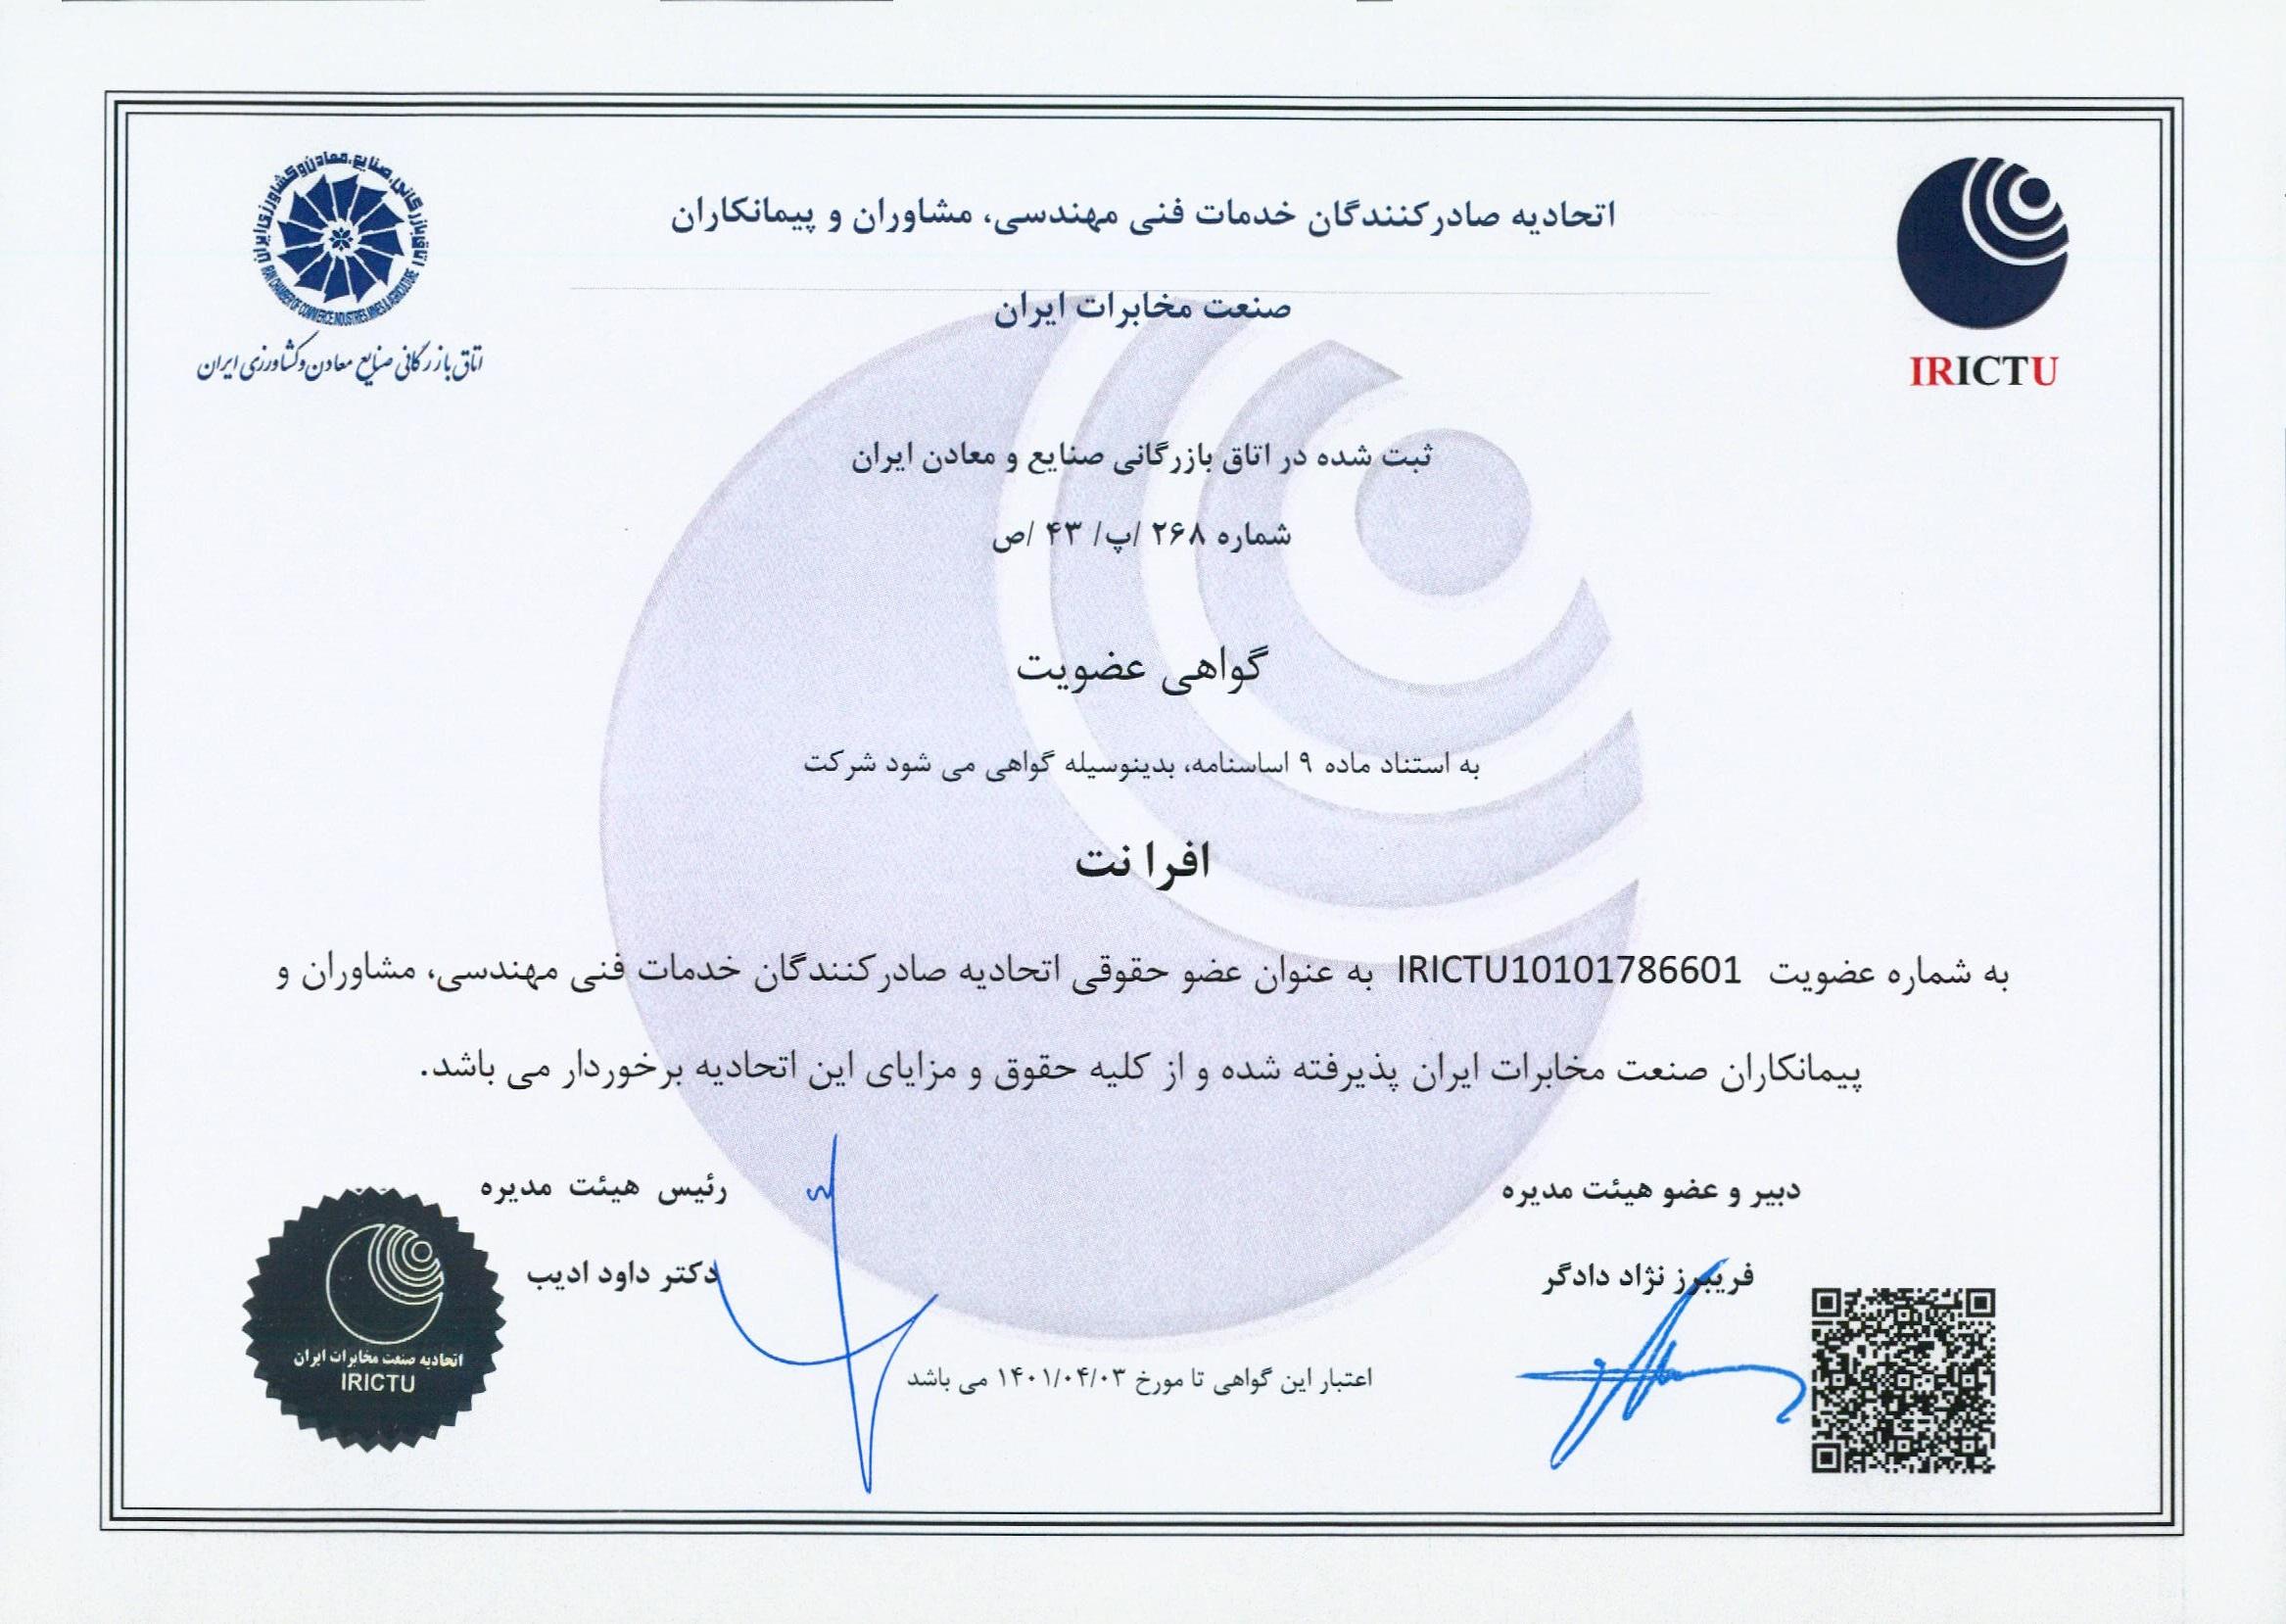 اتحادیه صادرکنندگان خدمات فنی مهندسی، مشاوران و پیمانکاران صنعت مخابرات ایران